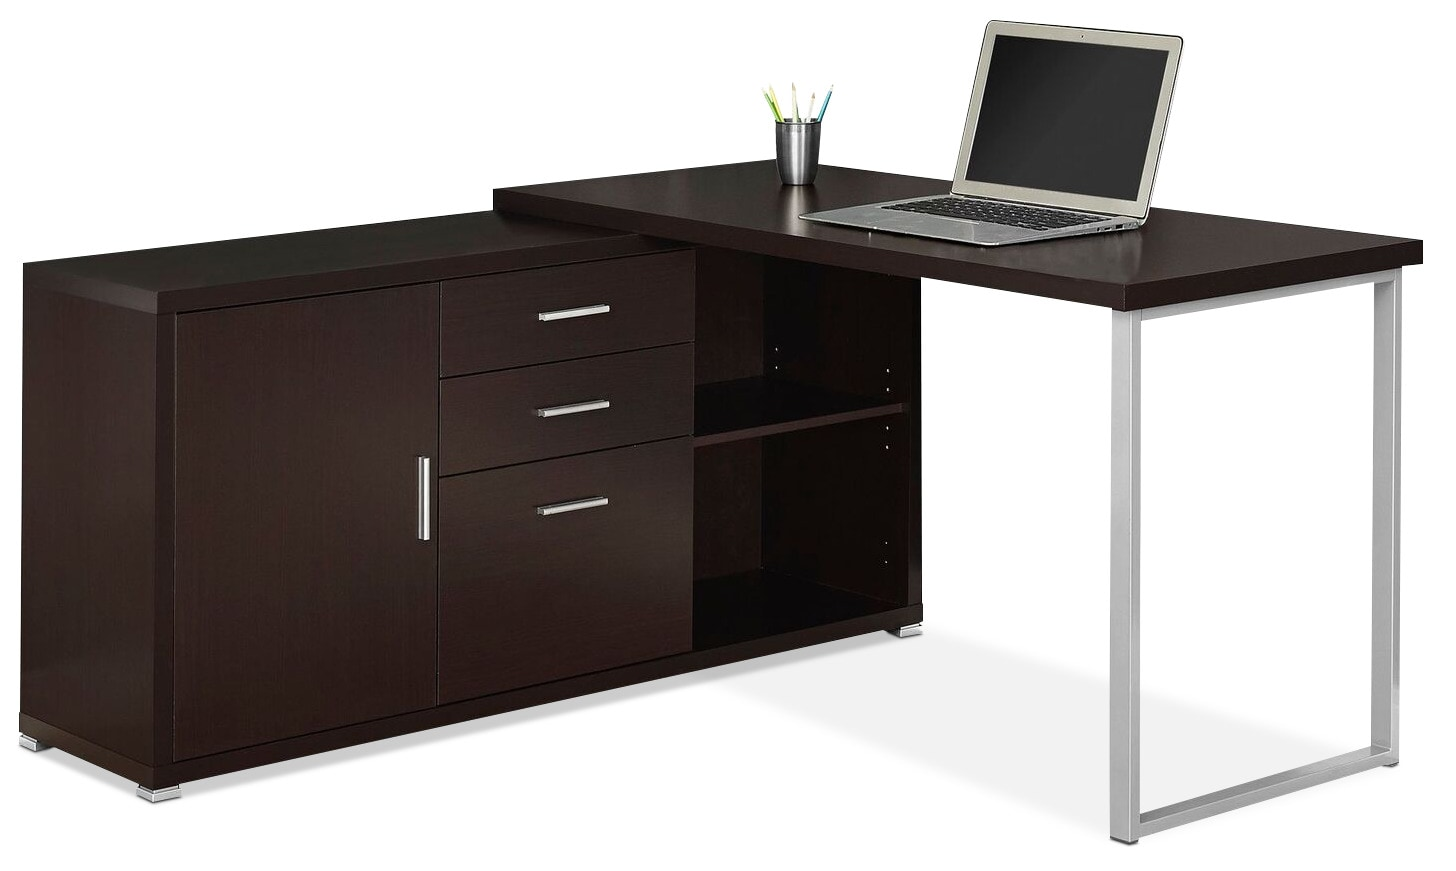 Branson Corner Desk - Cappuccino